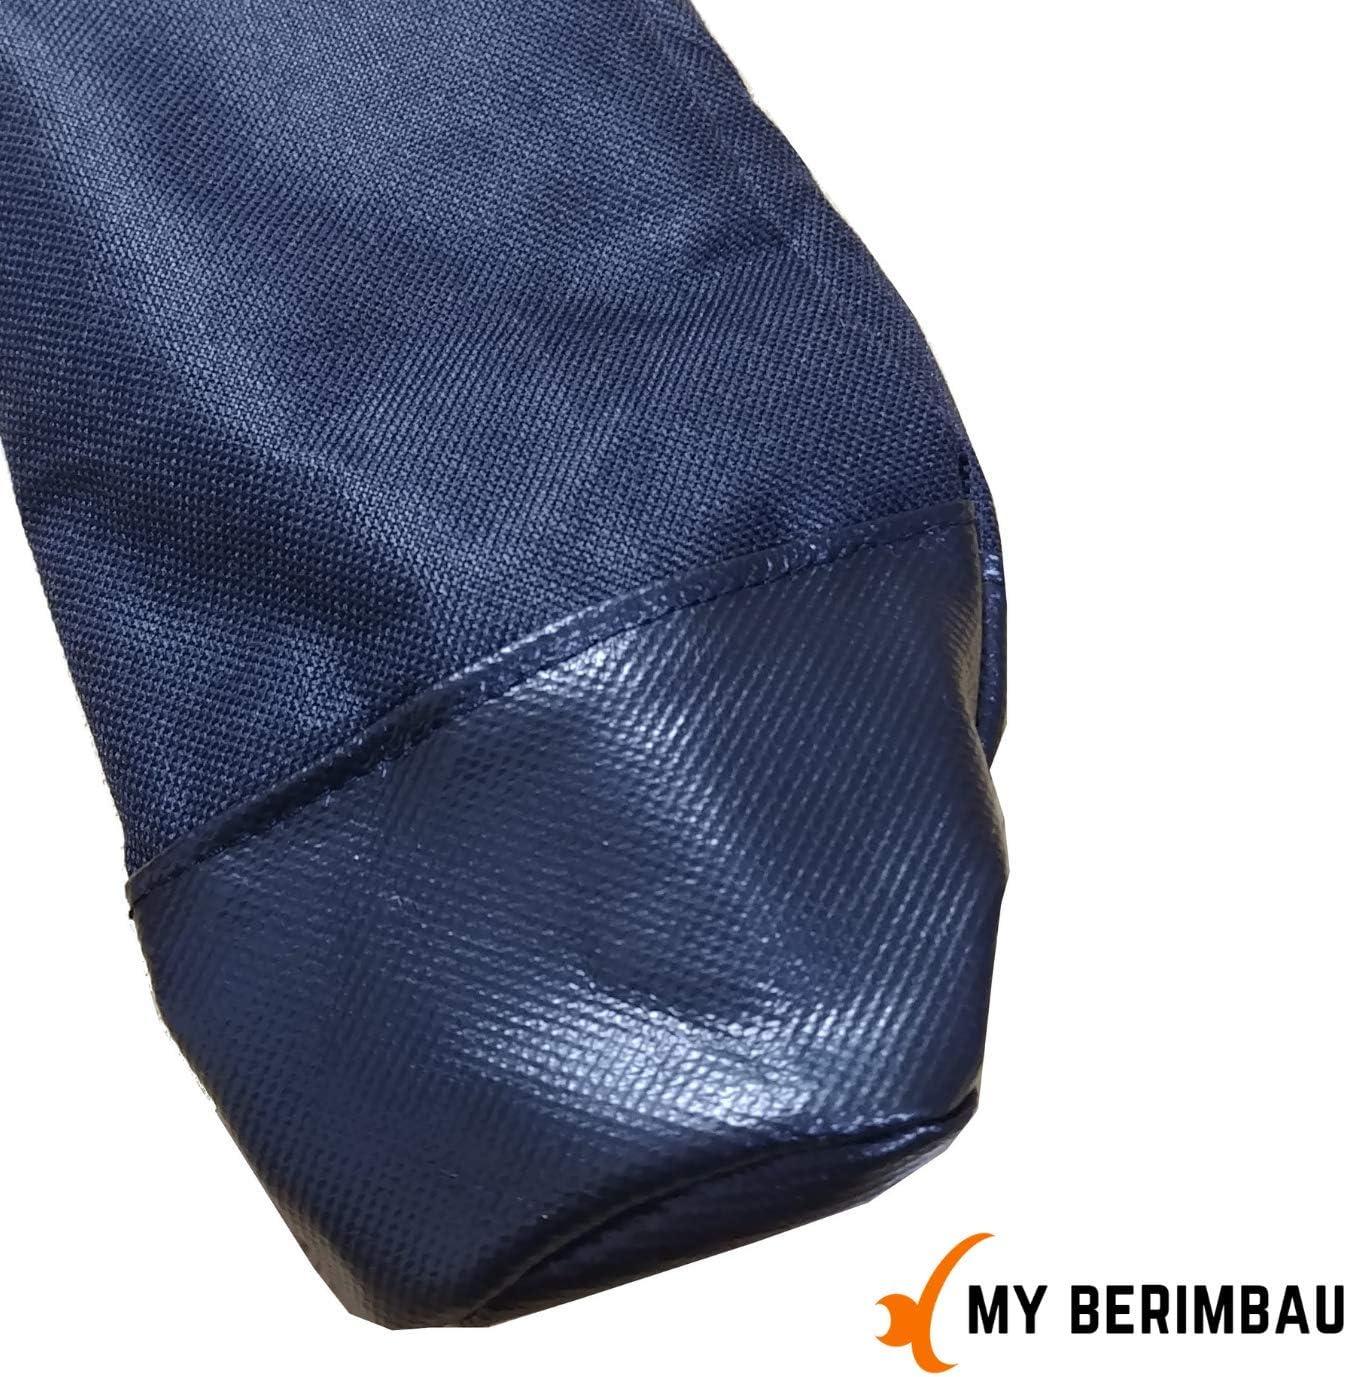 Capoeira Waterproof Berimbau Bag for Berimbau Small Black